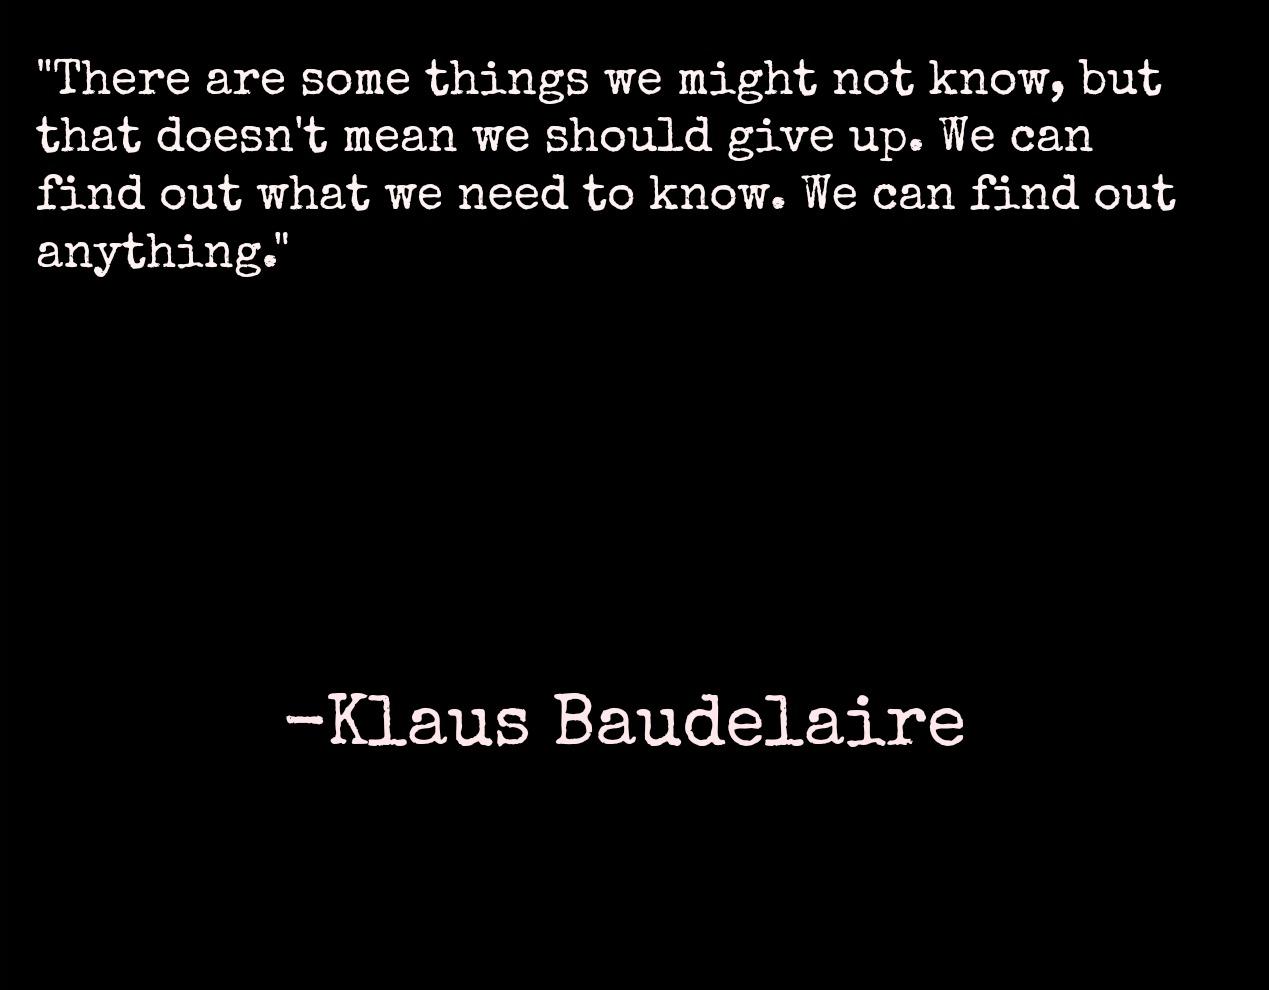 Sunny Baudelaire Quotes. QuotesGram